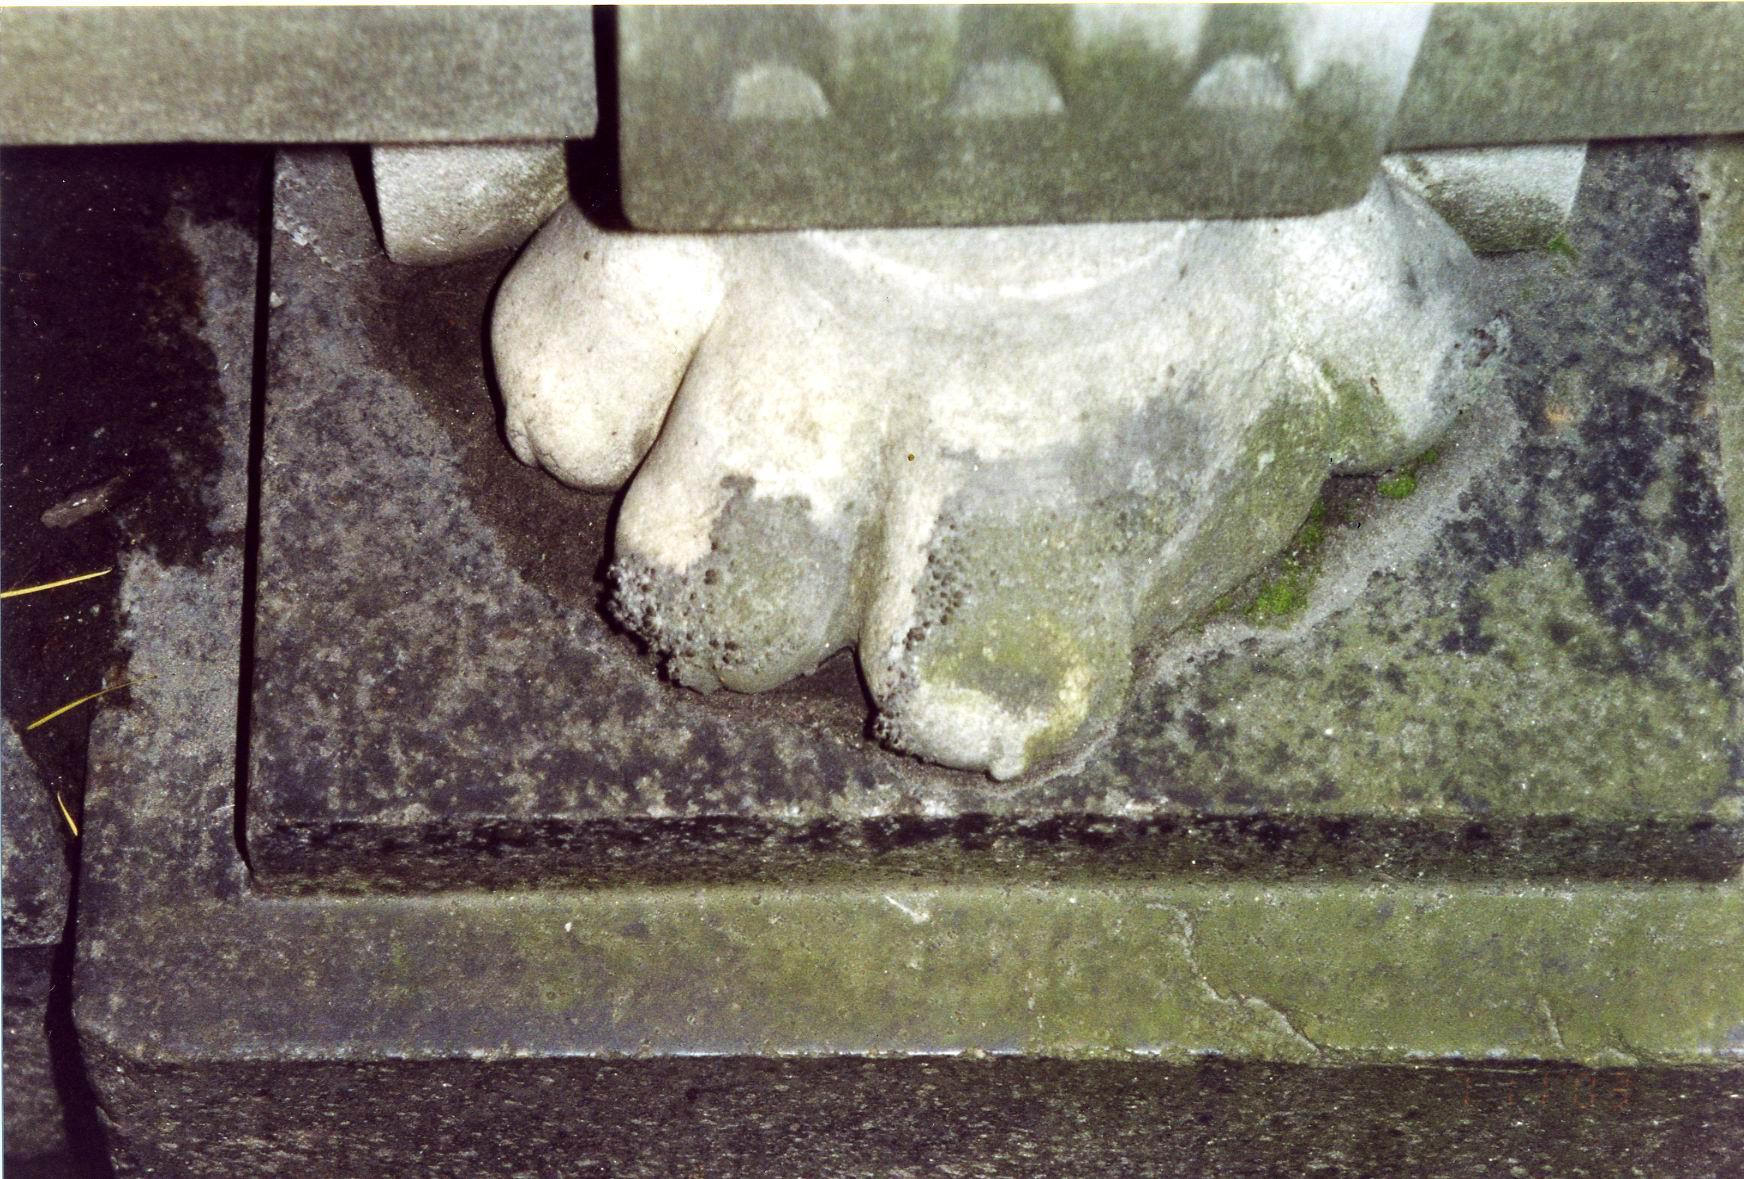 Ножка саркофага в форме лапы льва из белого, мелко-, среднезернистого мрамора. Юго-восточная сторона. Видно сильно проявленное отшелушивание, начало образования черной гипсовой корки. Фото ноября 2003 г.